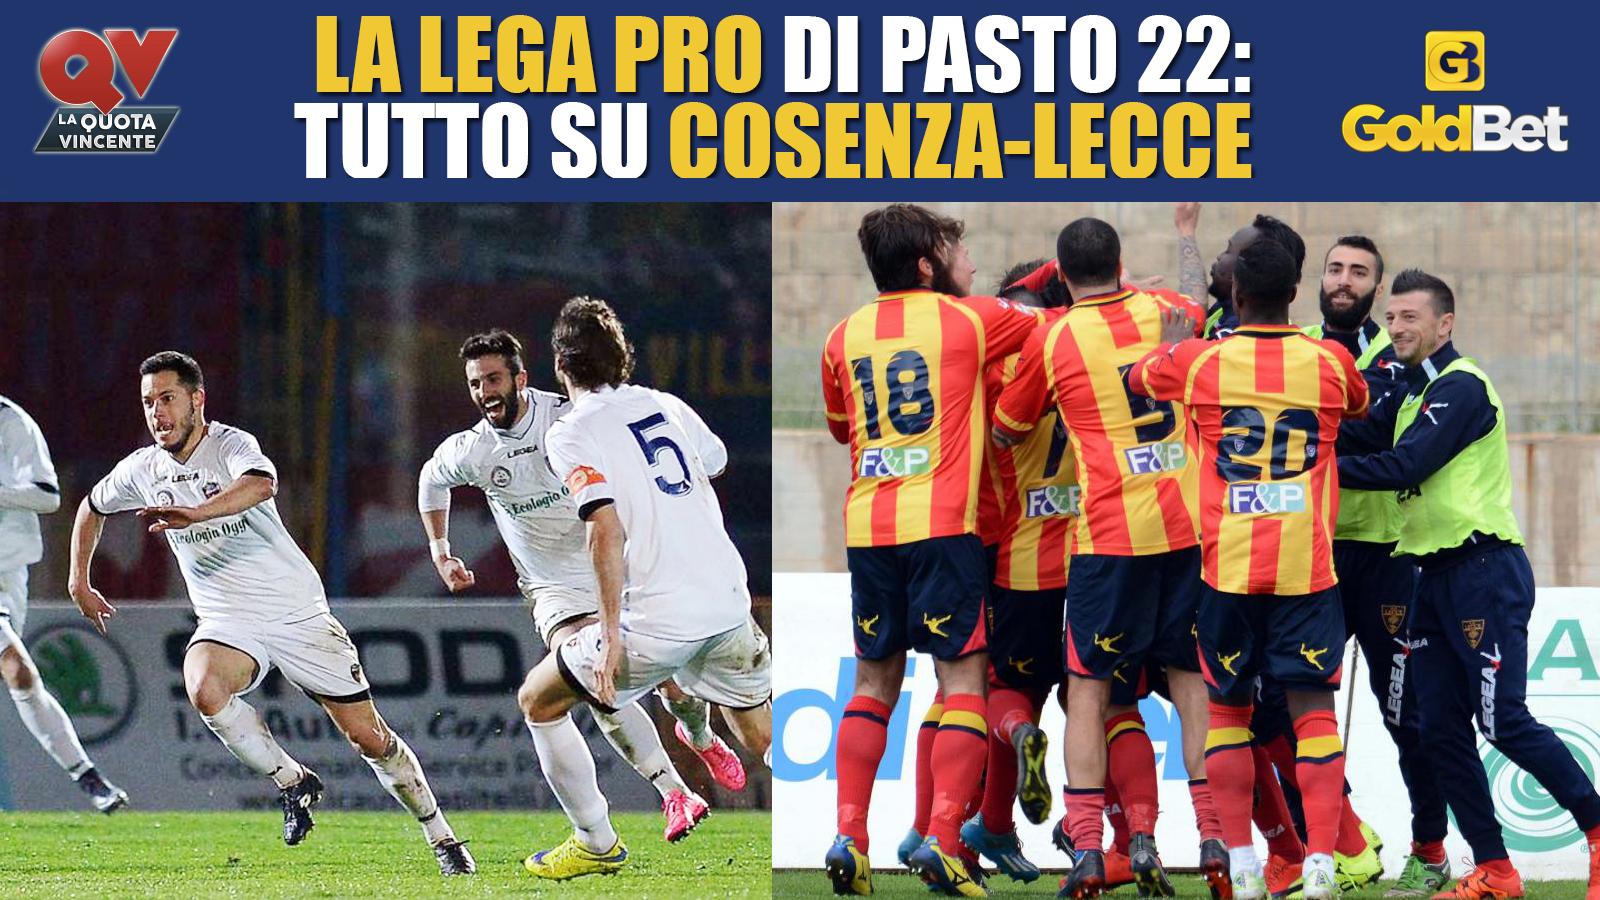 COSENZA_LECCE